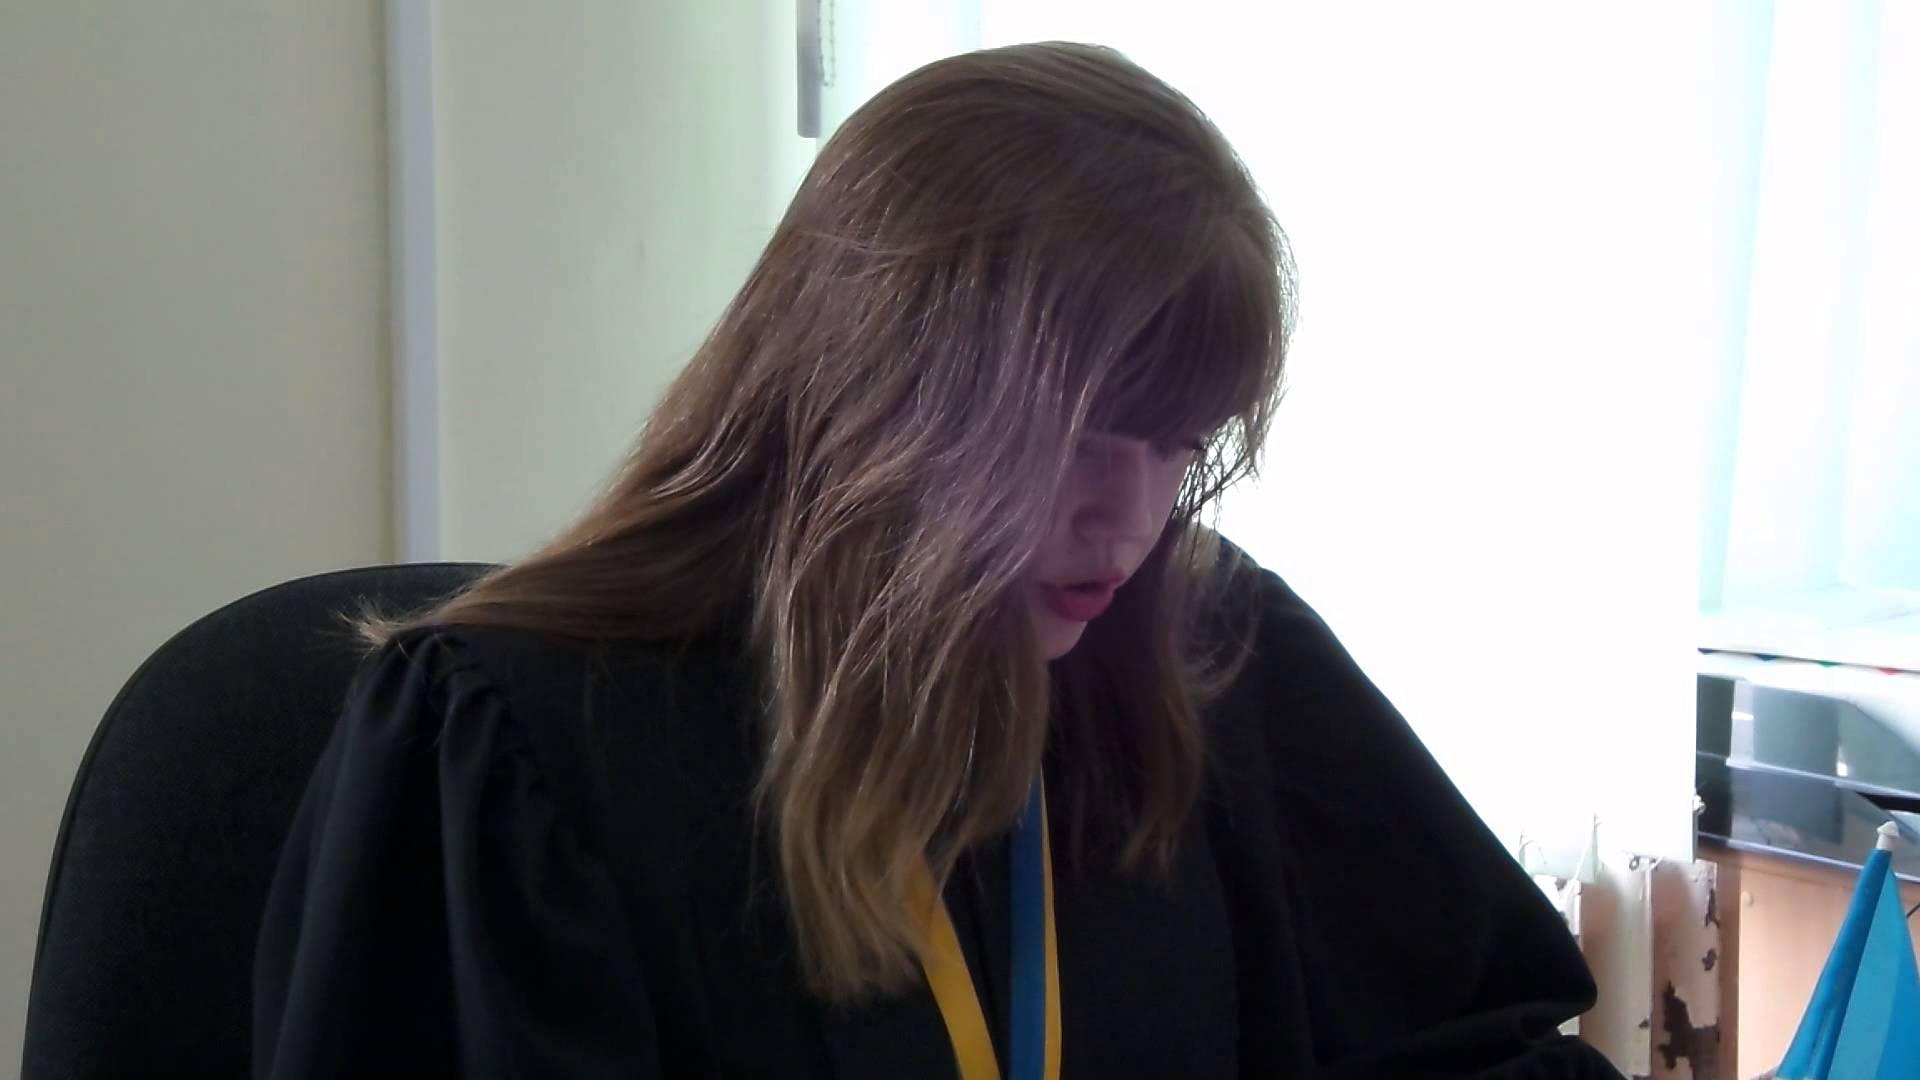 Скромные украинские судьи: вот как сейчас живут молоденькие судьи